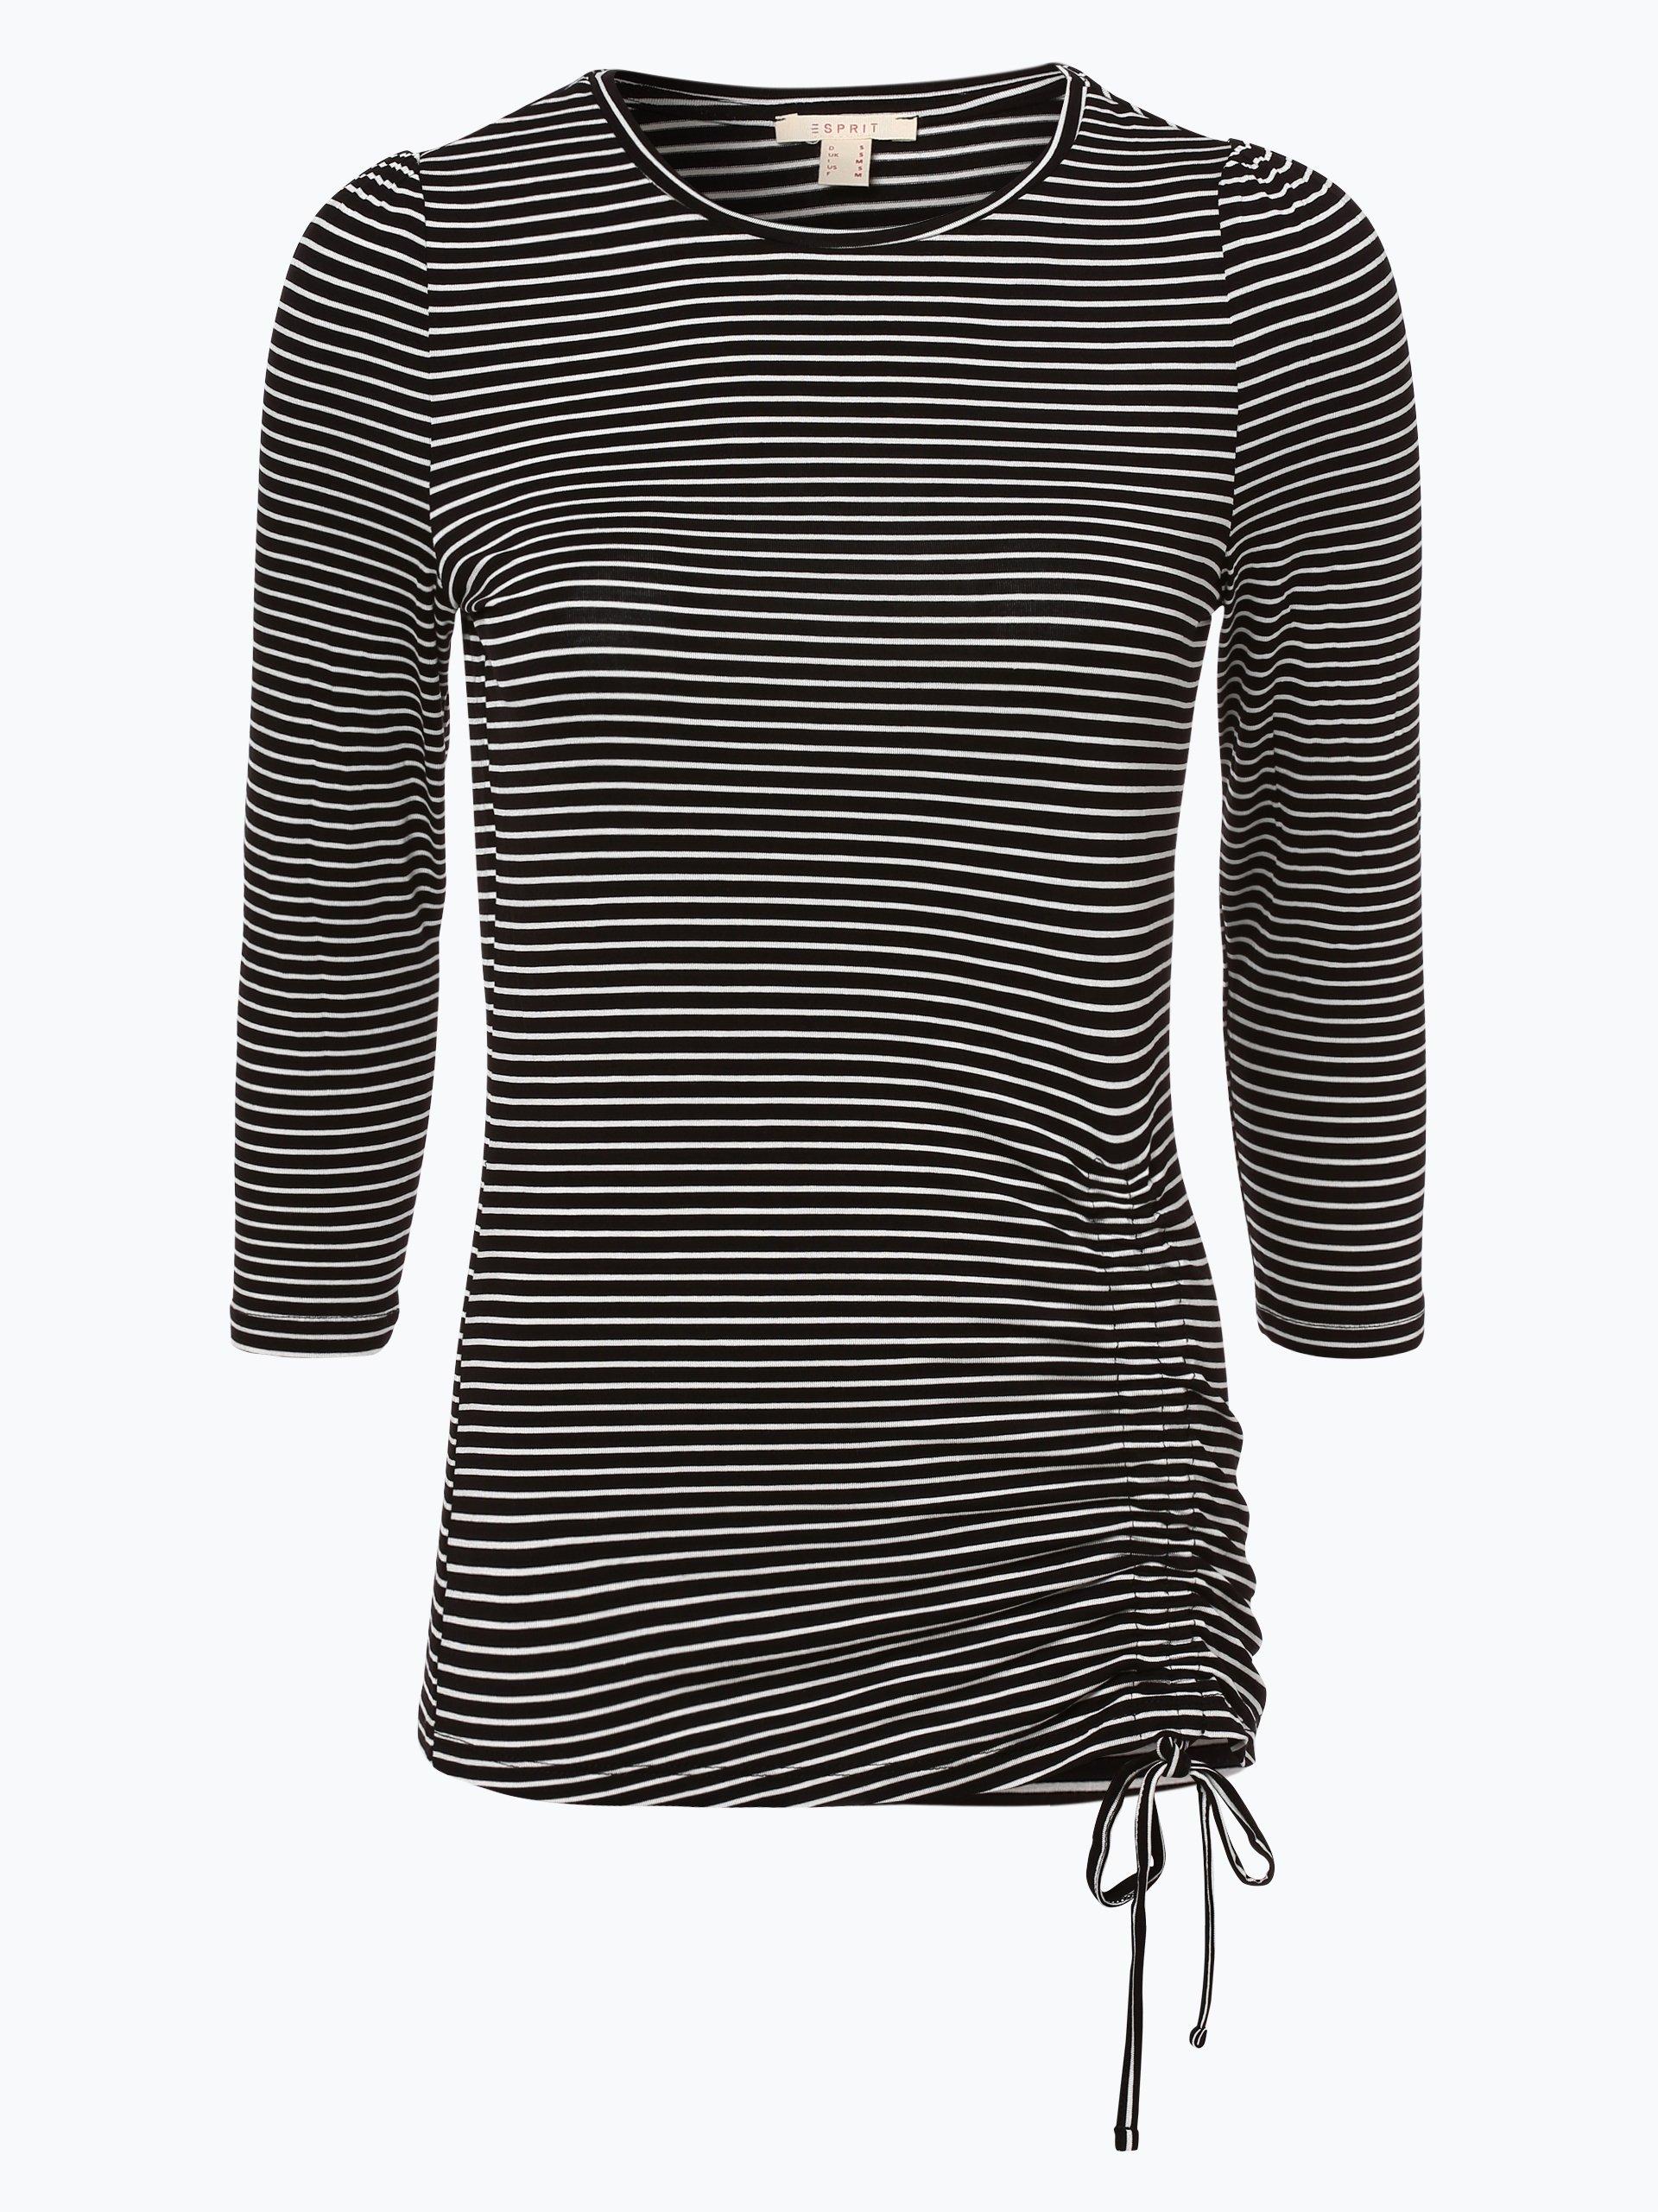 esprit casual damen langarmshirt schwarz gestreift online kaufen peek und cloppenburg de. Black Bedroom Furniture Sets. Home Design Ideas